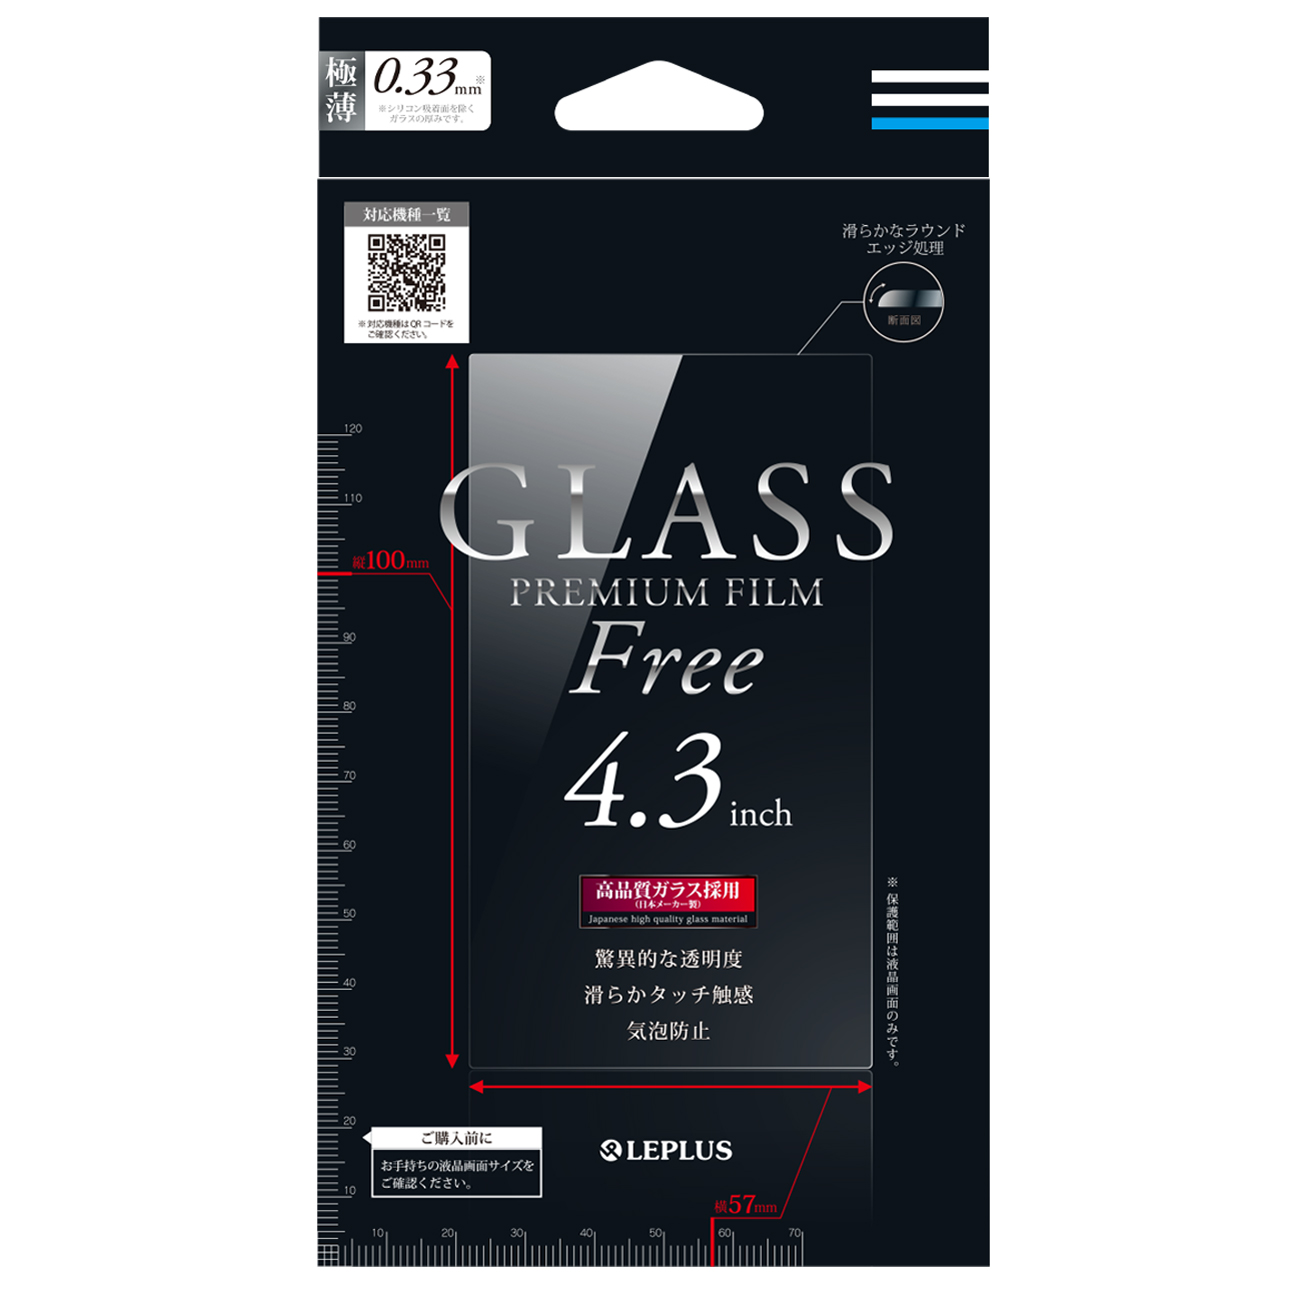 【140万枚を超える販売実績】様々な端末に対応する汎用ガラスフィルムを発売!!ガラスフィルム140万枚を超える販売実績を持つMSソリューションズが汎用ガラスフィルム「GLASS Premium Film for スマートフォン」を発売!!